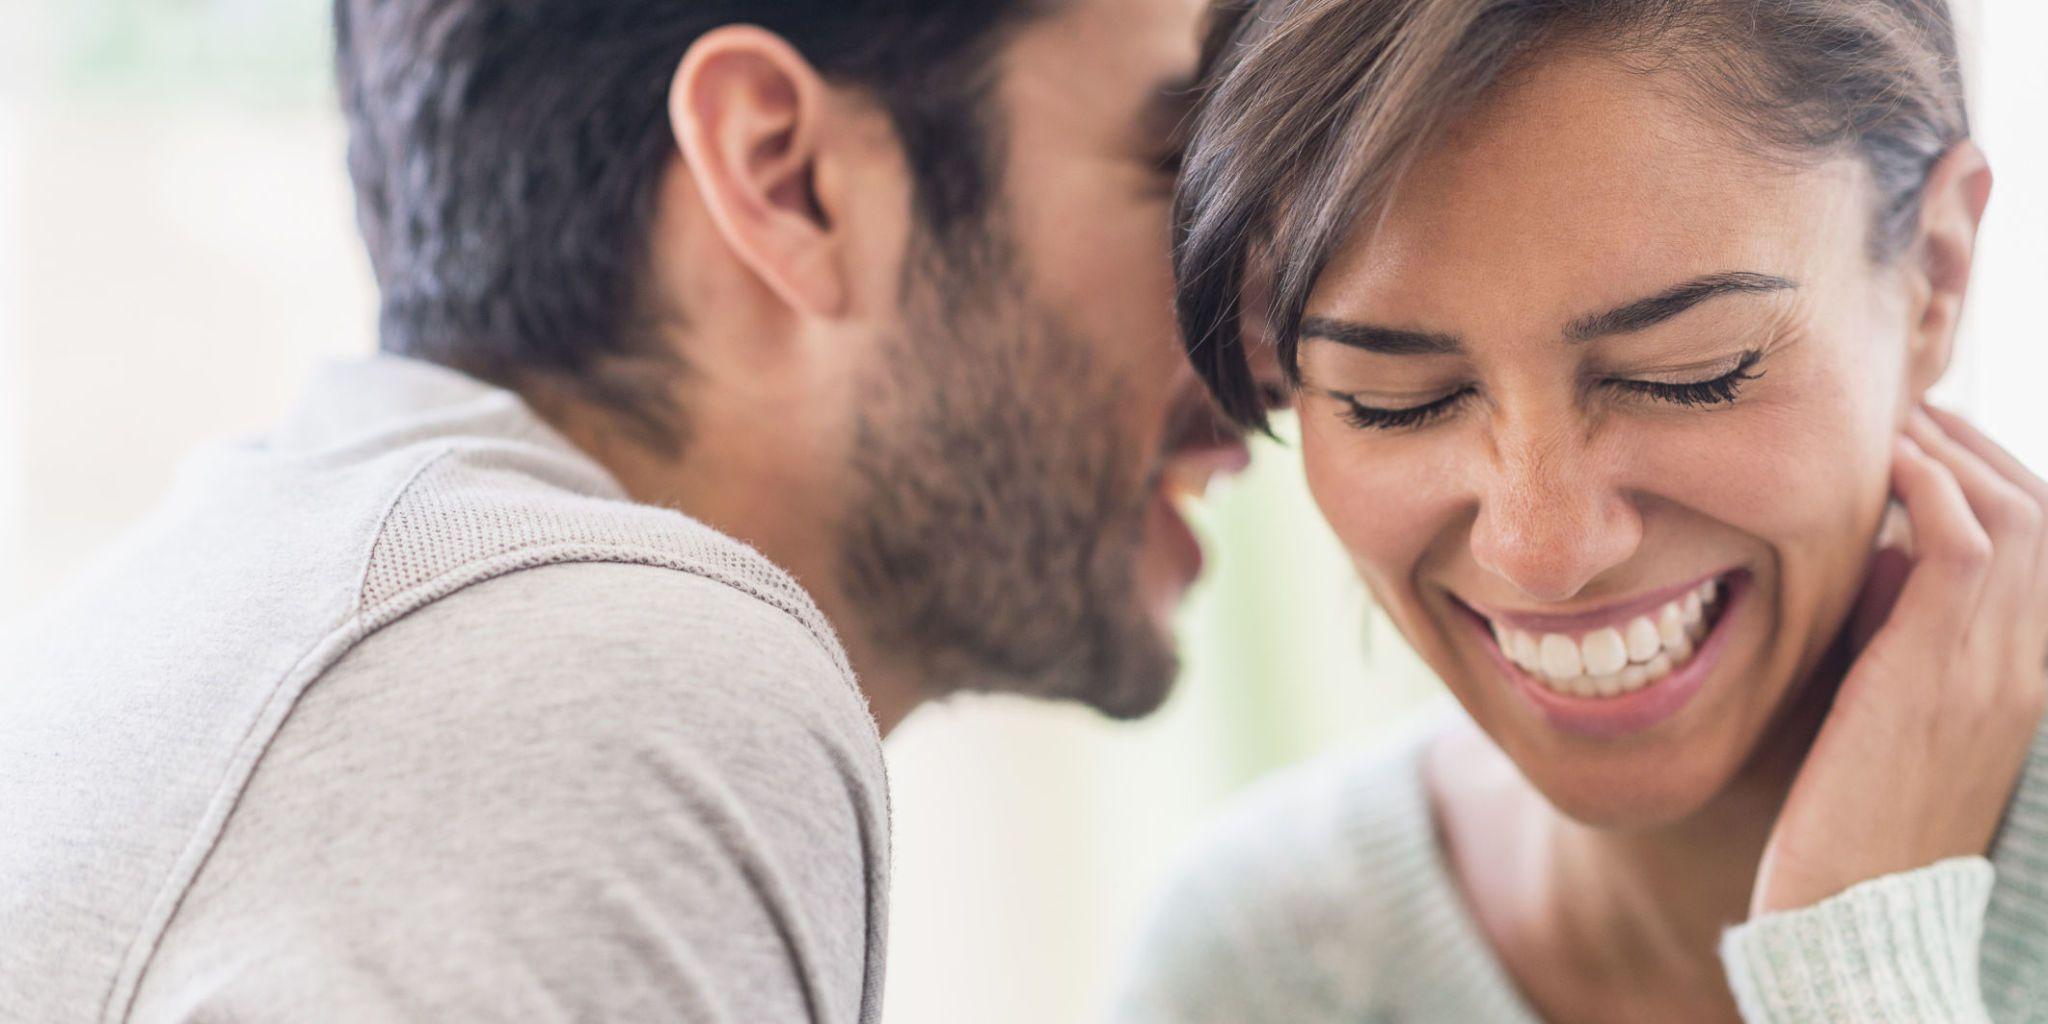 γκέι ζάχαρη μπαμπάδες dating εφαρμογές